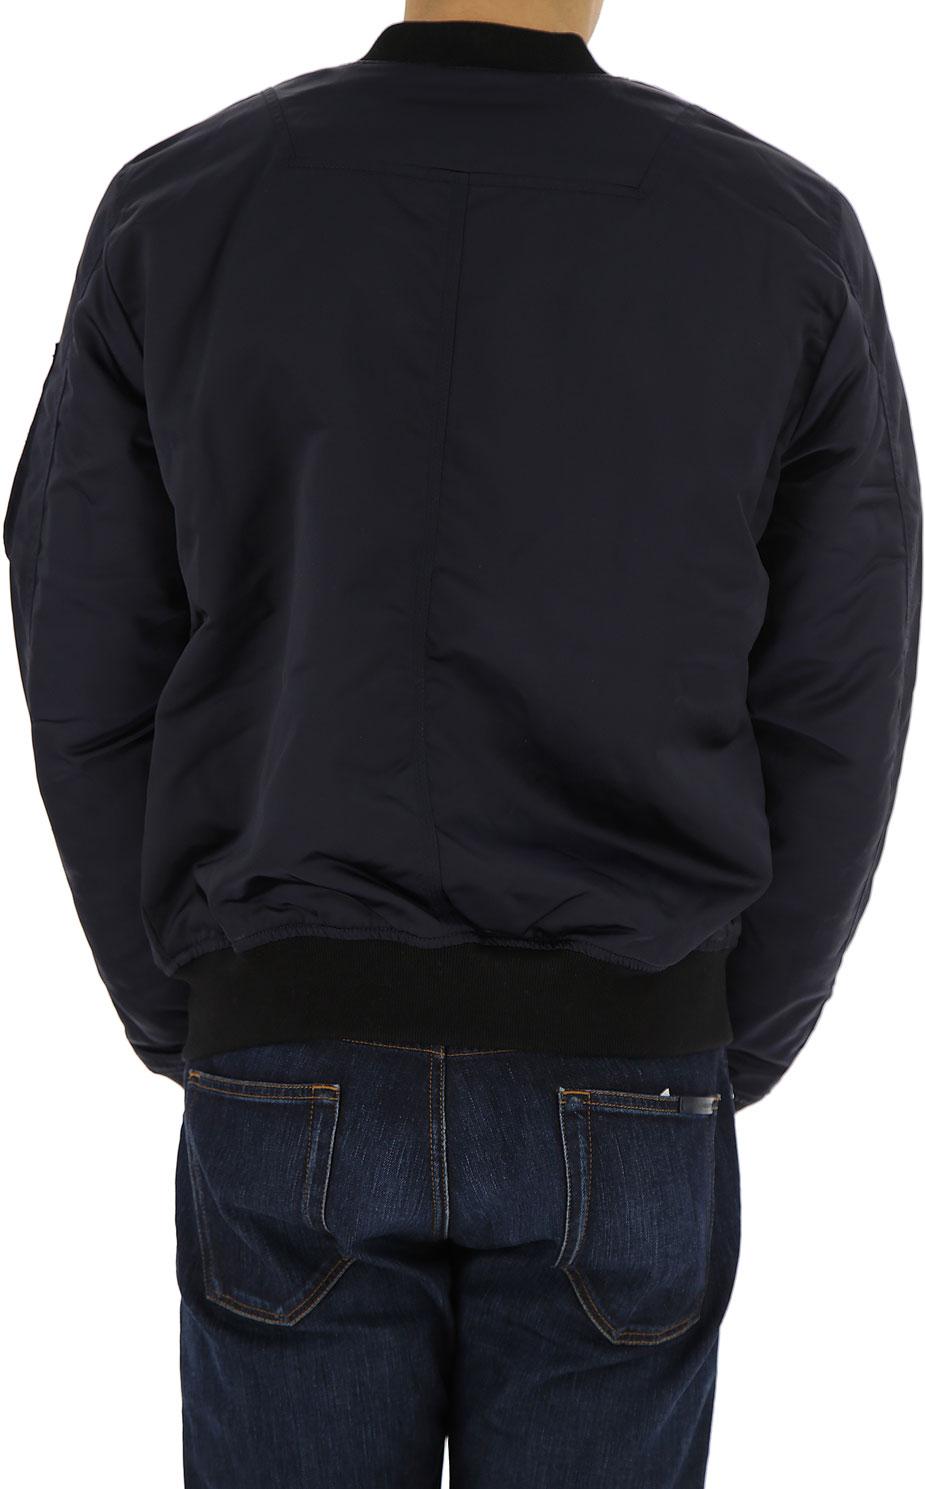 Abbigliamento Uomo Diesel, Codice Articolo: 00s11g-0taqf-8at